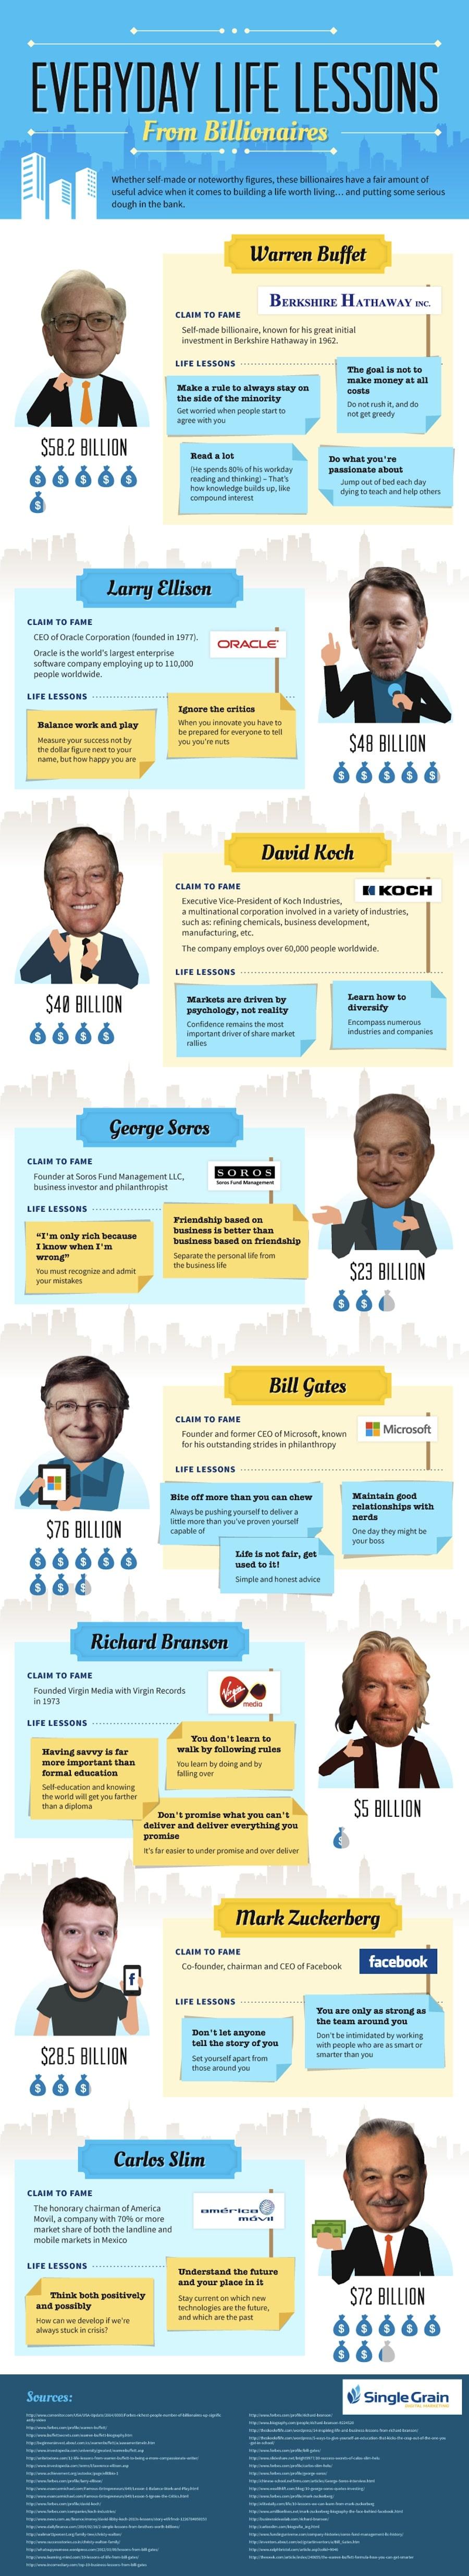 LessonsFrom Billionaires